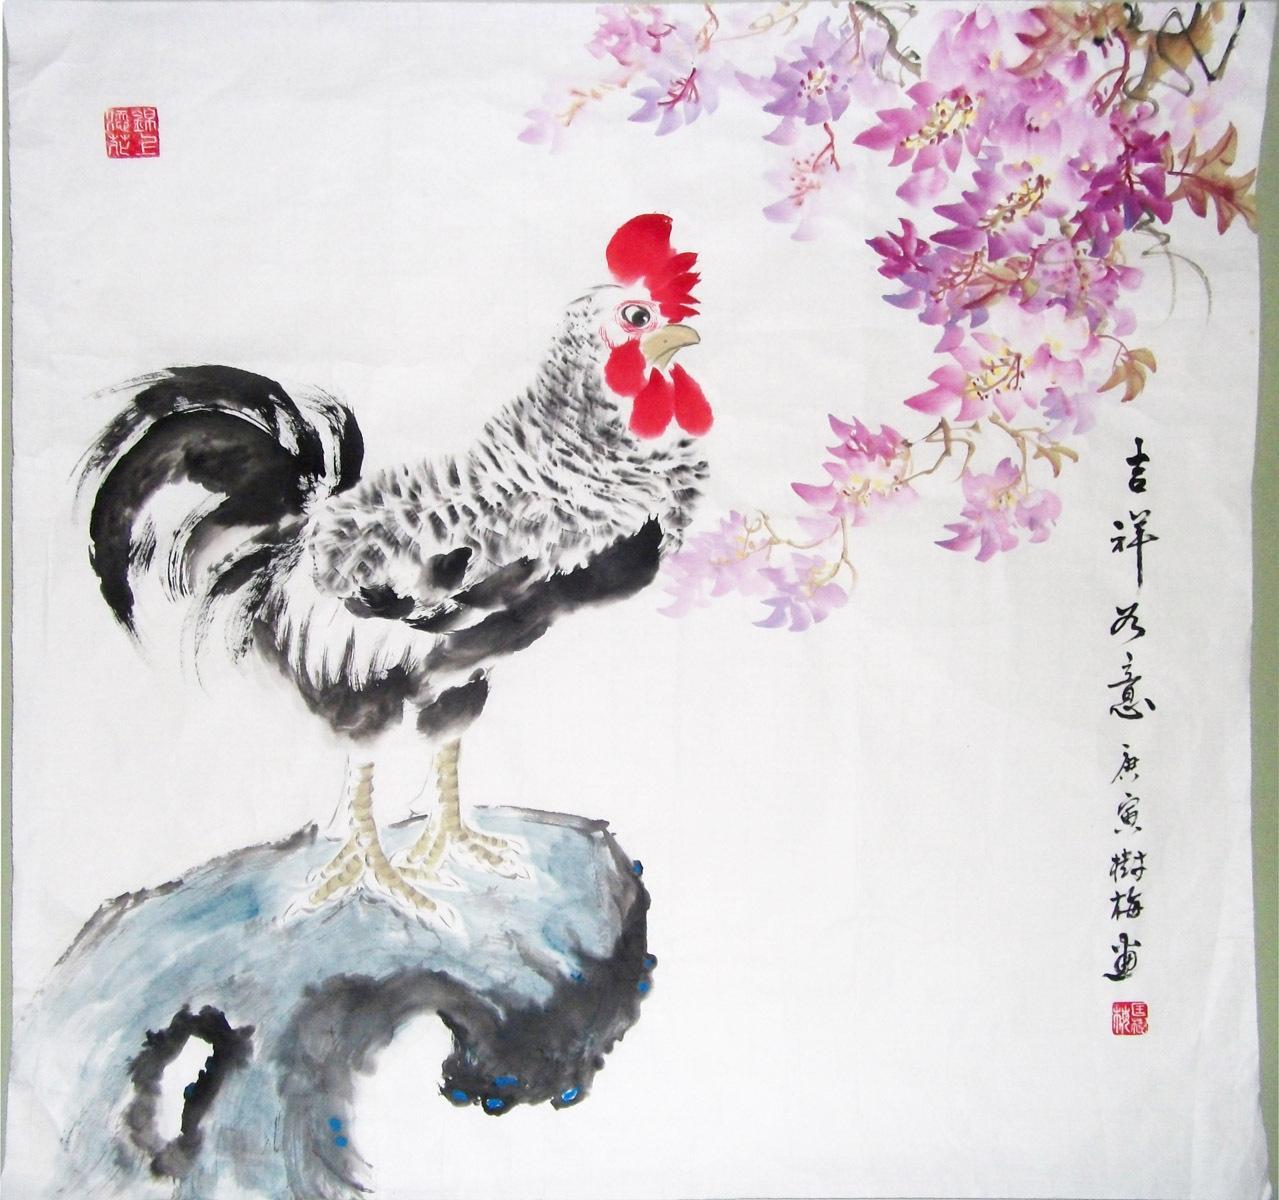 国画写意鸡图片_国画鸡紫藤 画 二尺斗方 写意鸡《吉祥如意》_yutengy1